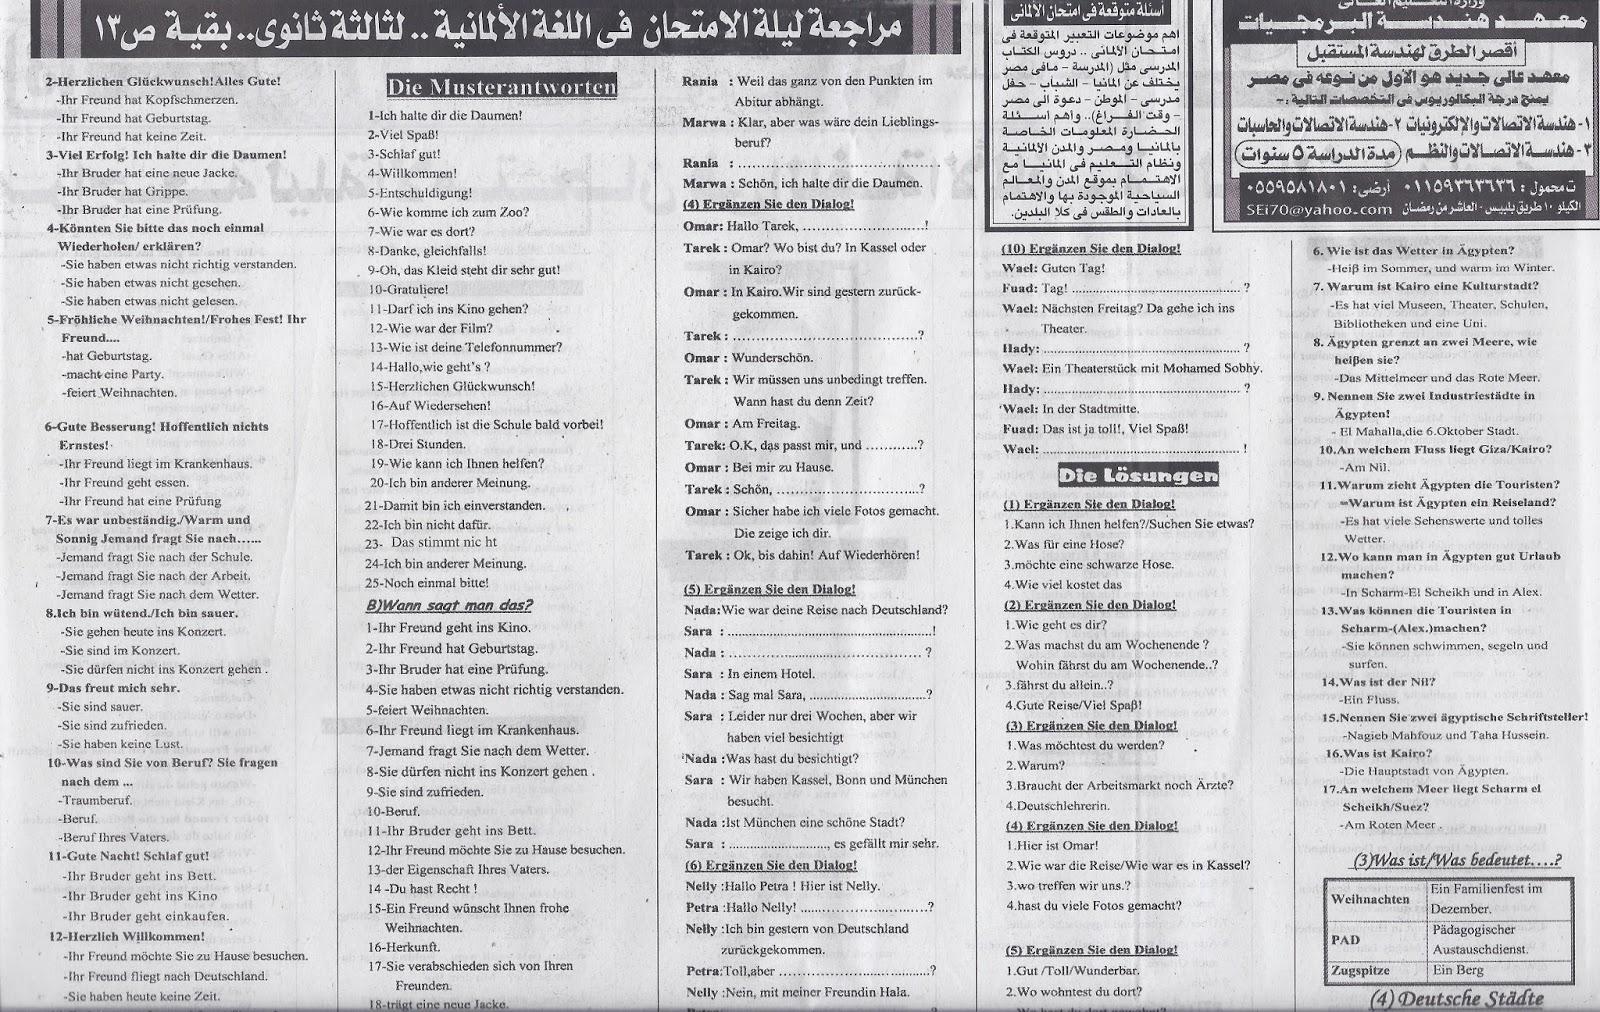 هذة توقعات ملحق الجمهورية 14/6/2015 لامتحان اللغة الألمانية للثانوية العامة  03